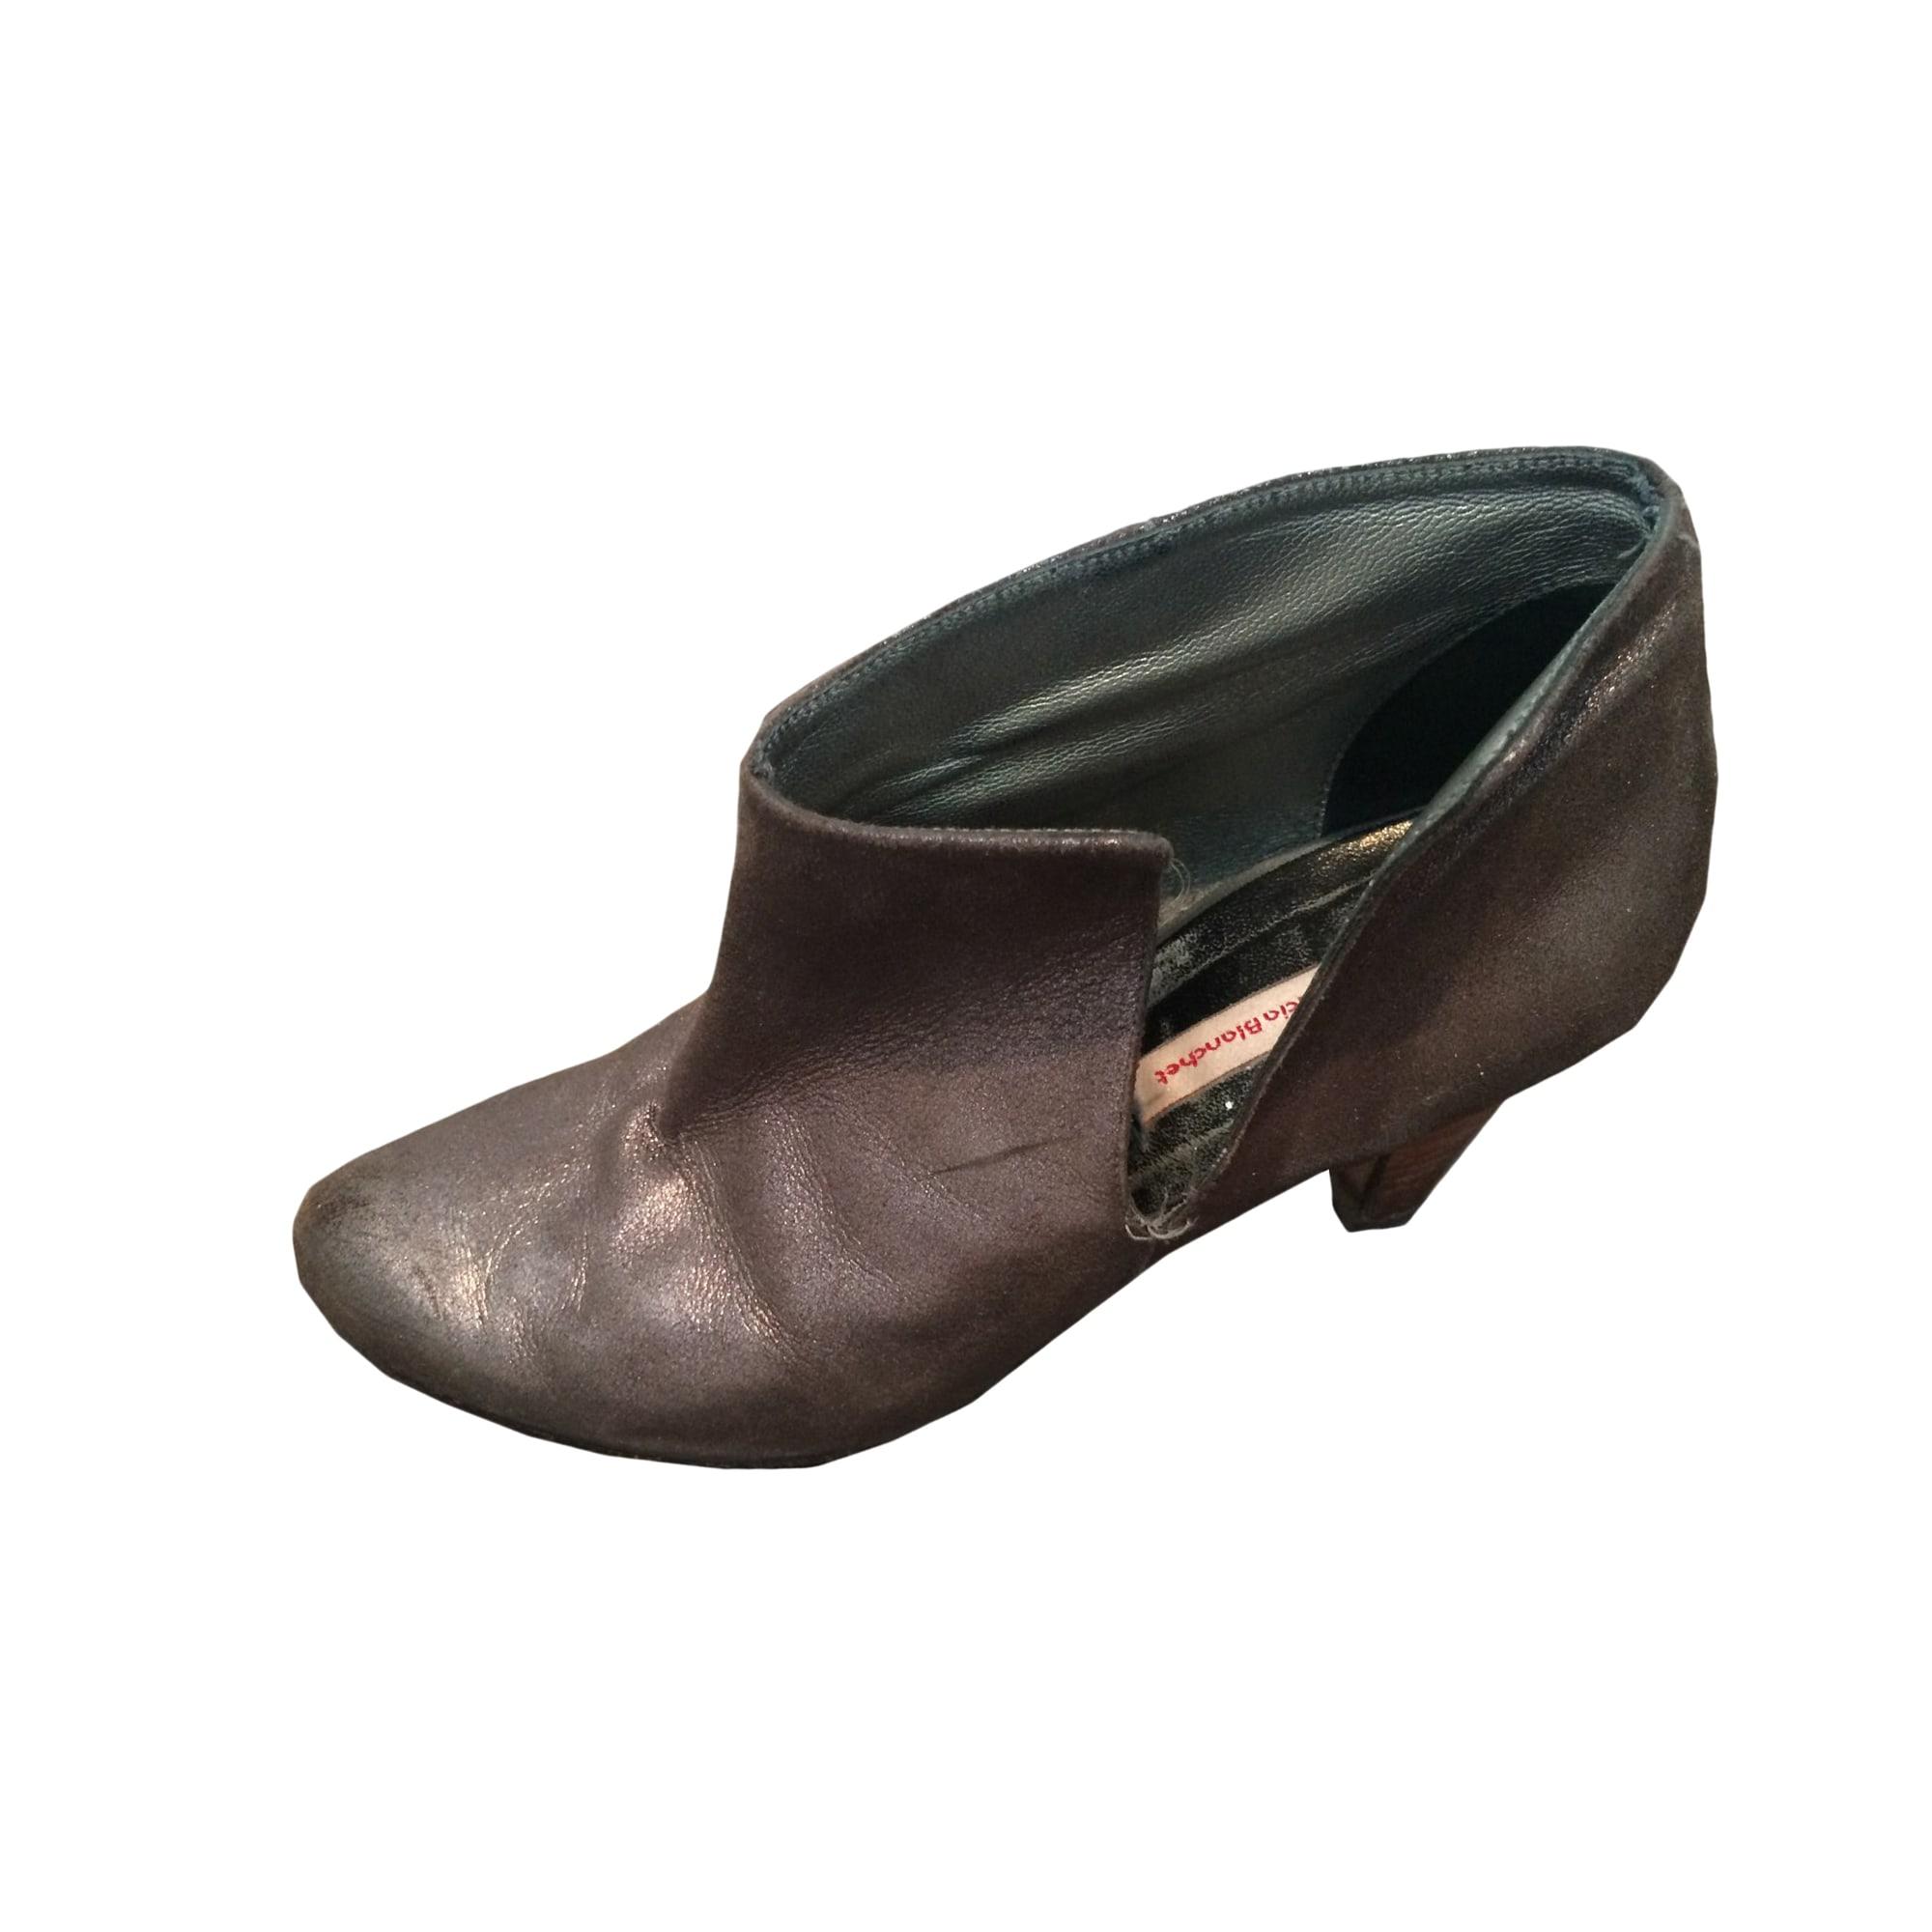 Bottines & low boots à talons PATRICIA BLANCHET Doré, bronze, cuivre